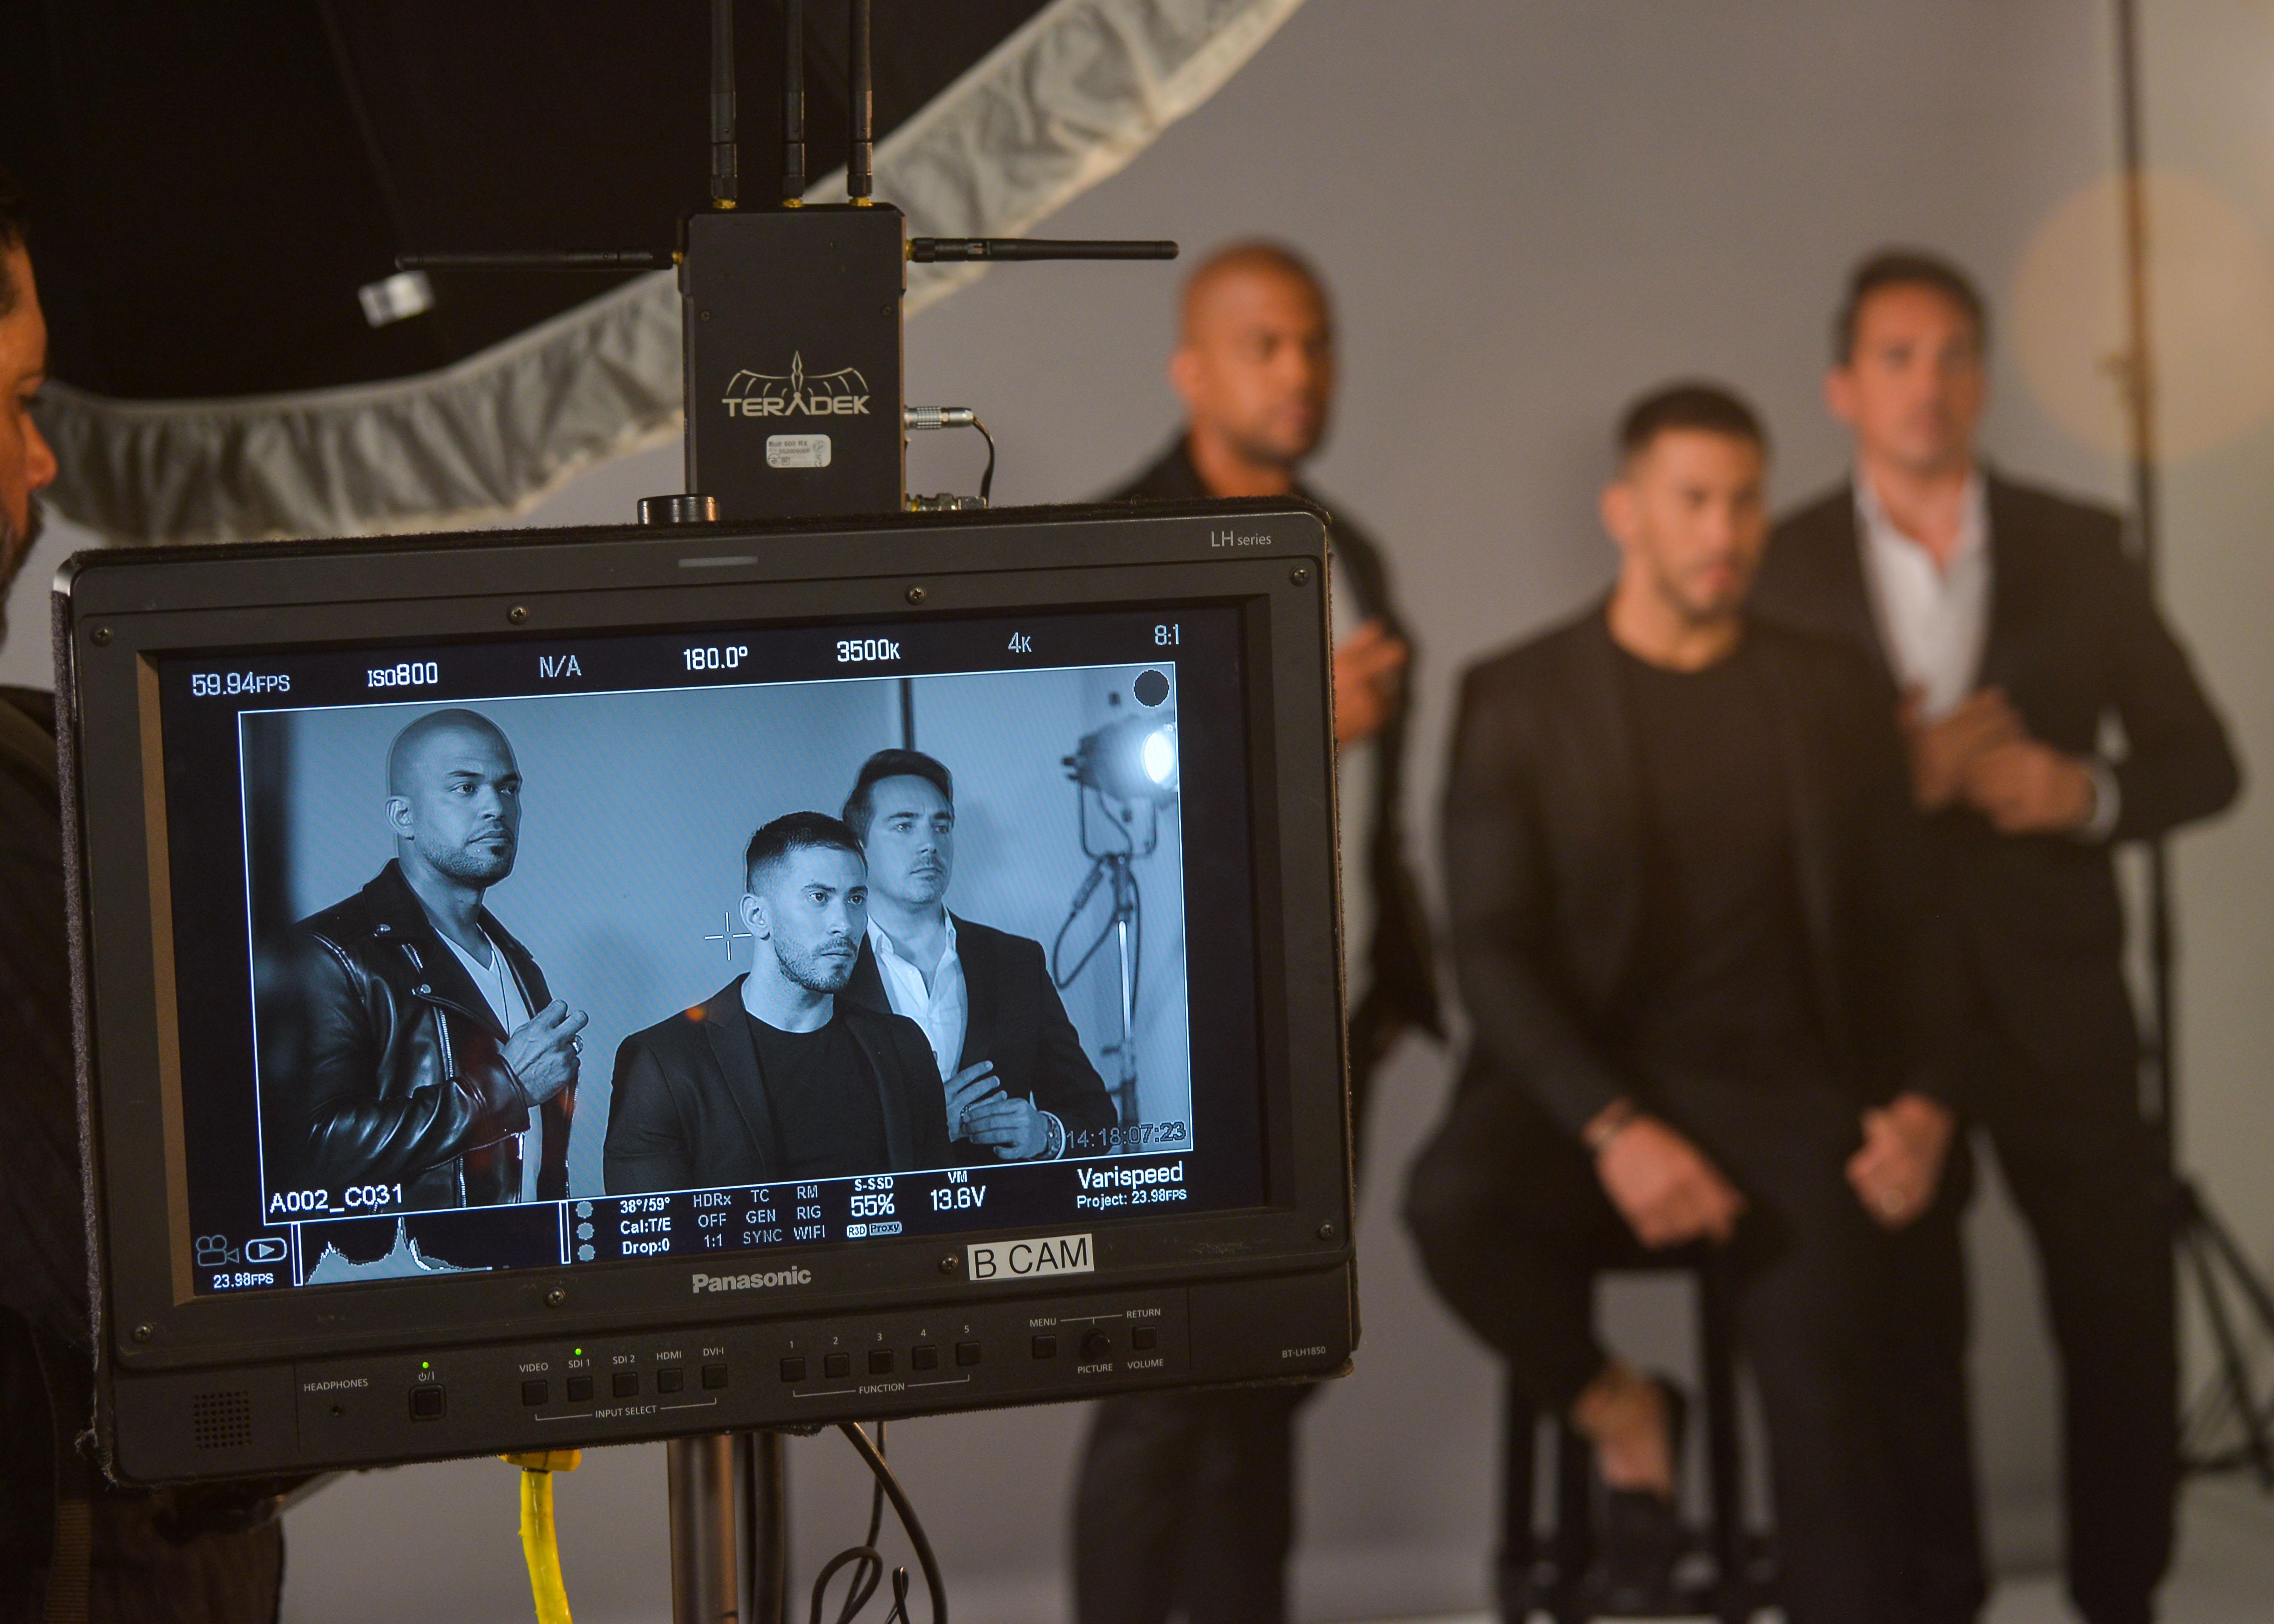 Las escenas de la campaña, filmadas en blanco y negro con modernas técnicas, muestran a los embajadores puertorriqueños en sus facetas de padres o hijo. (Enid M. Salgado Mercado)